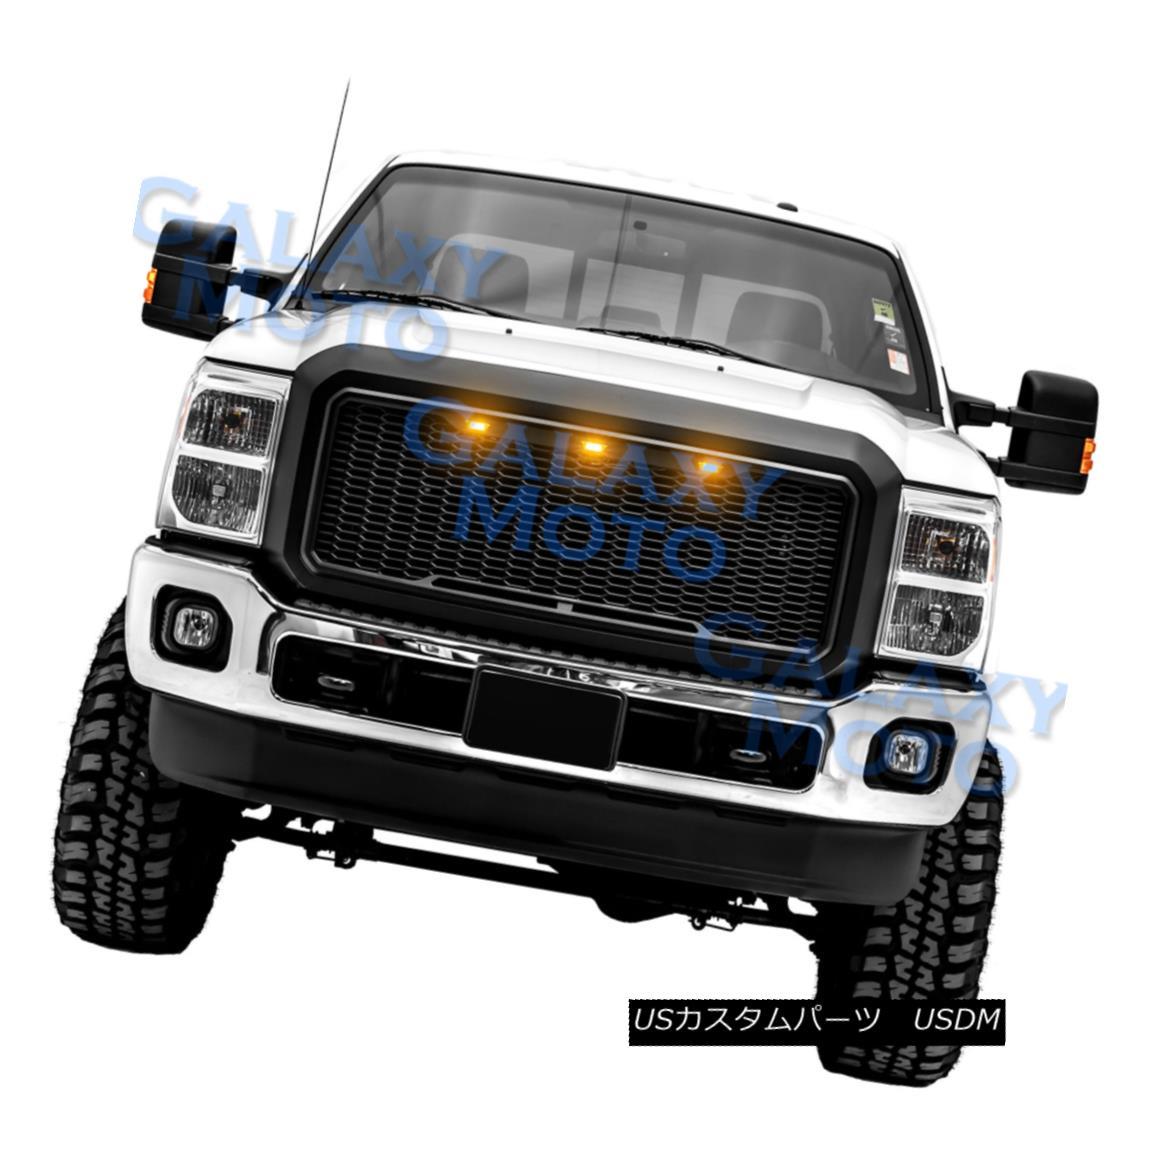 グリル 11-16 Ford Super Duty Raptor Style Matte Black Mesh Grille+Shell+Amber LED light 11-16フォードスーパーデューティラプタースタイルマットブラックメッシュグリル+シェル+ mber LEDライト